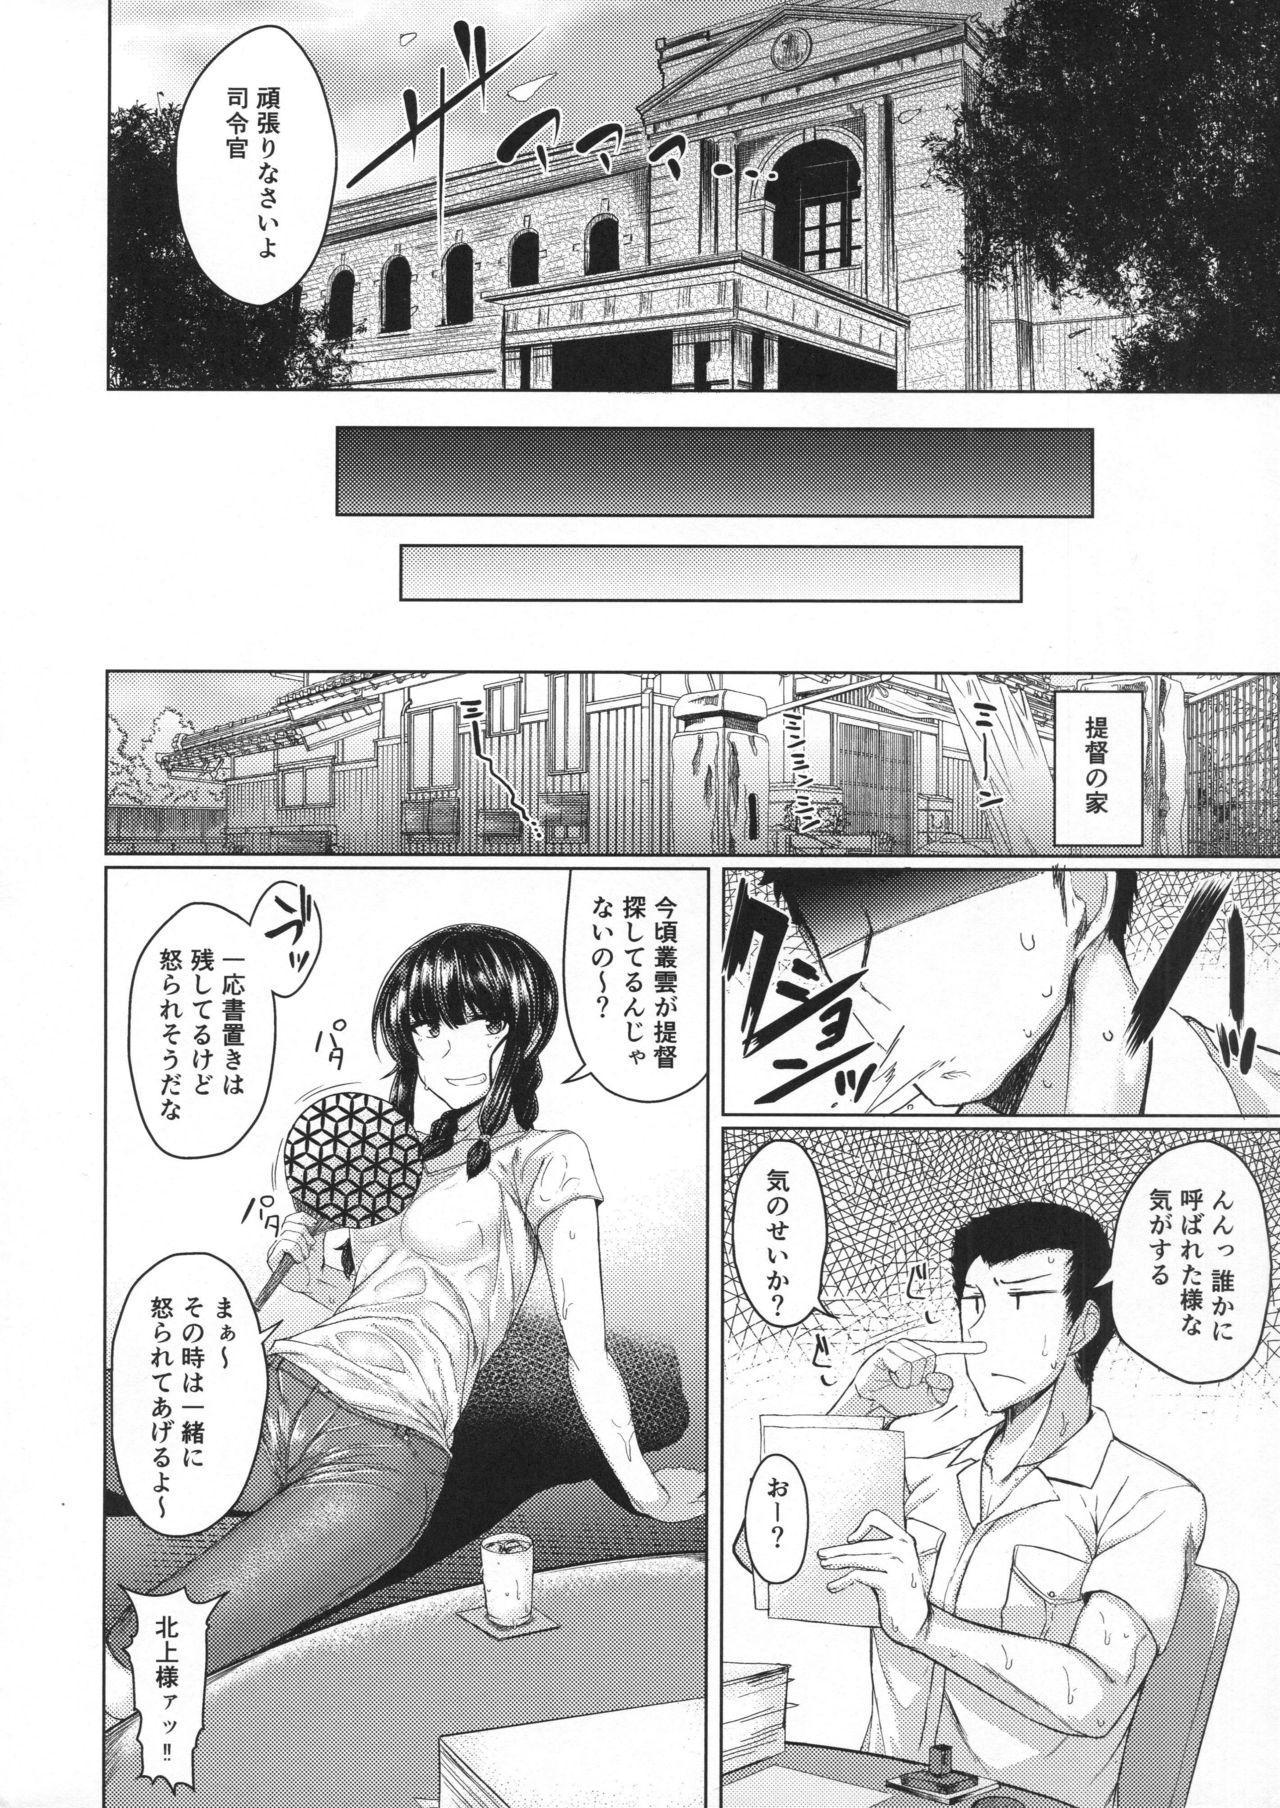 Kitakami-sama to H suru Hon sono 2 2